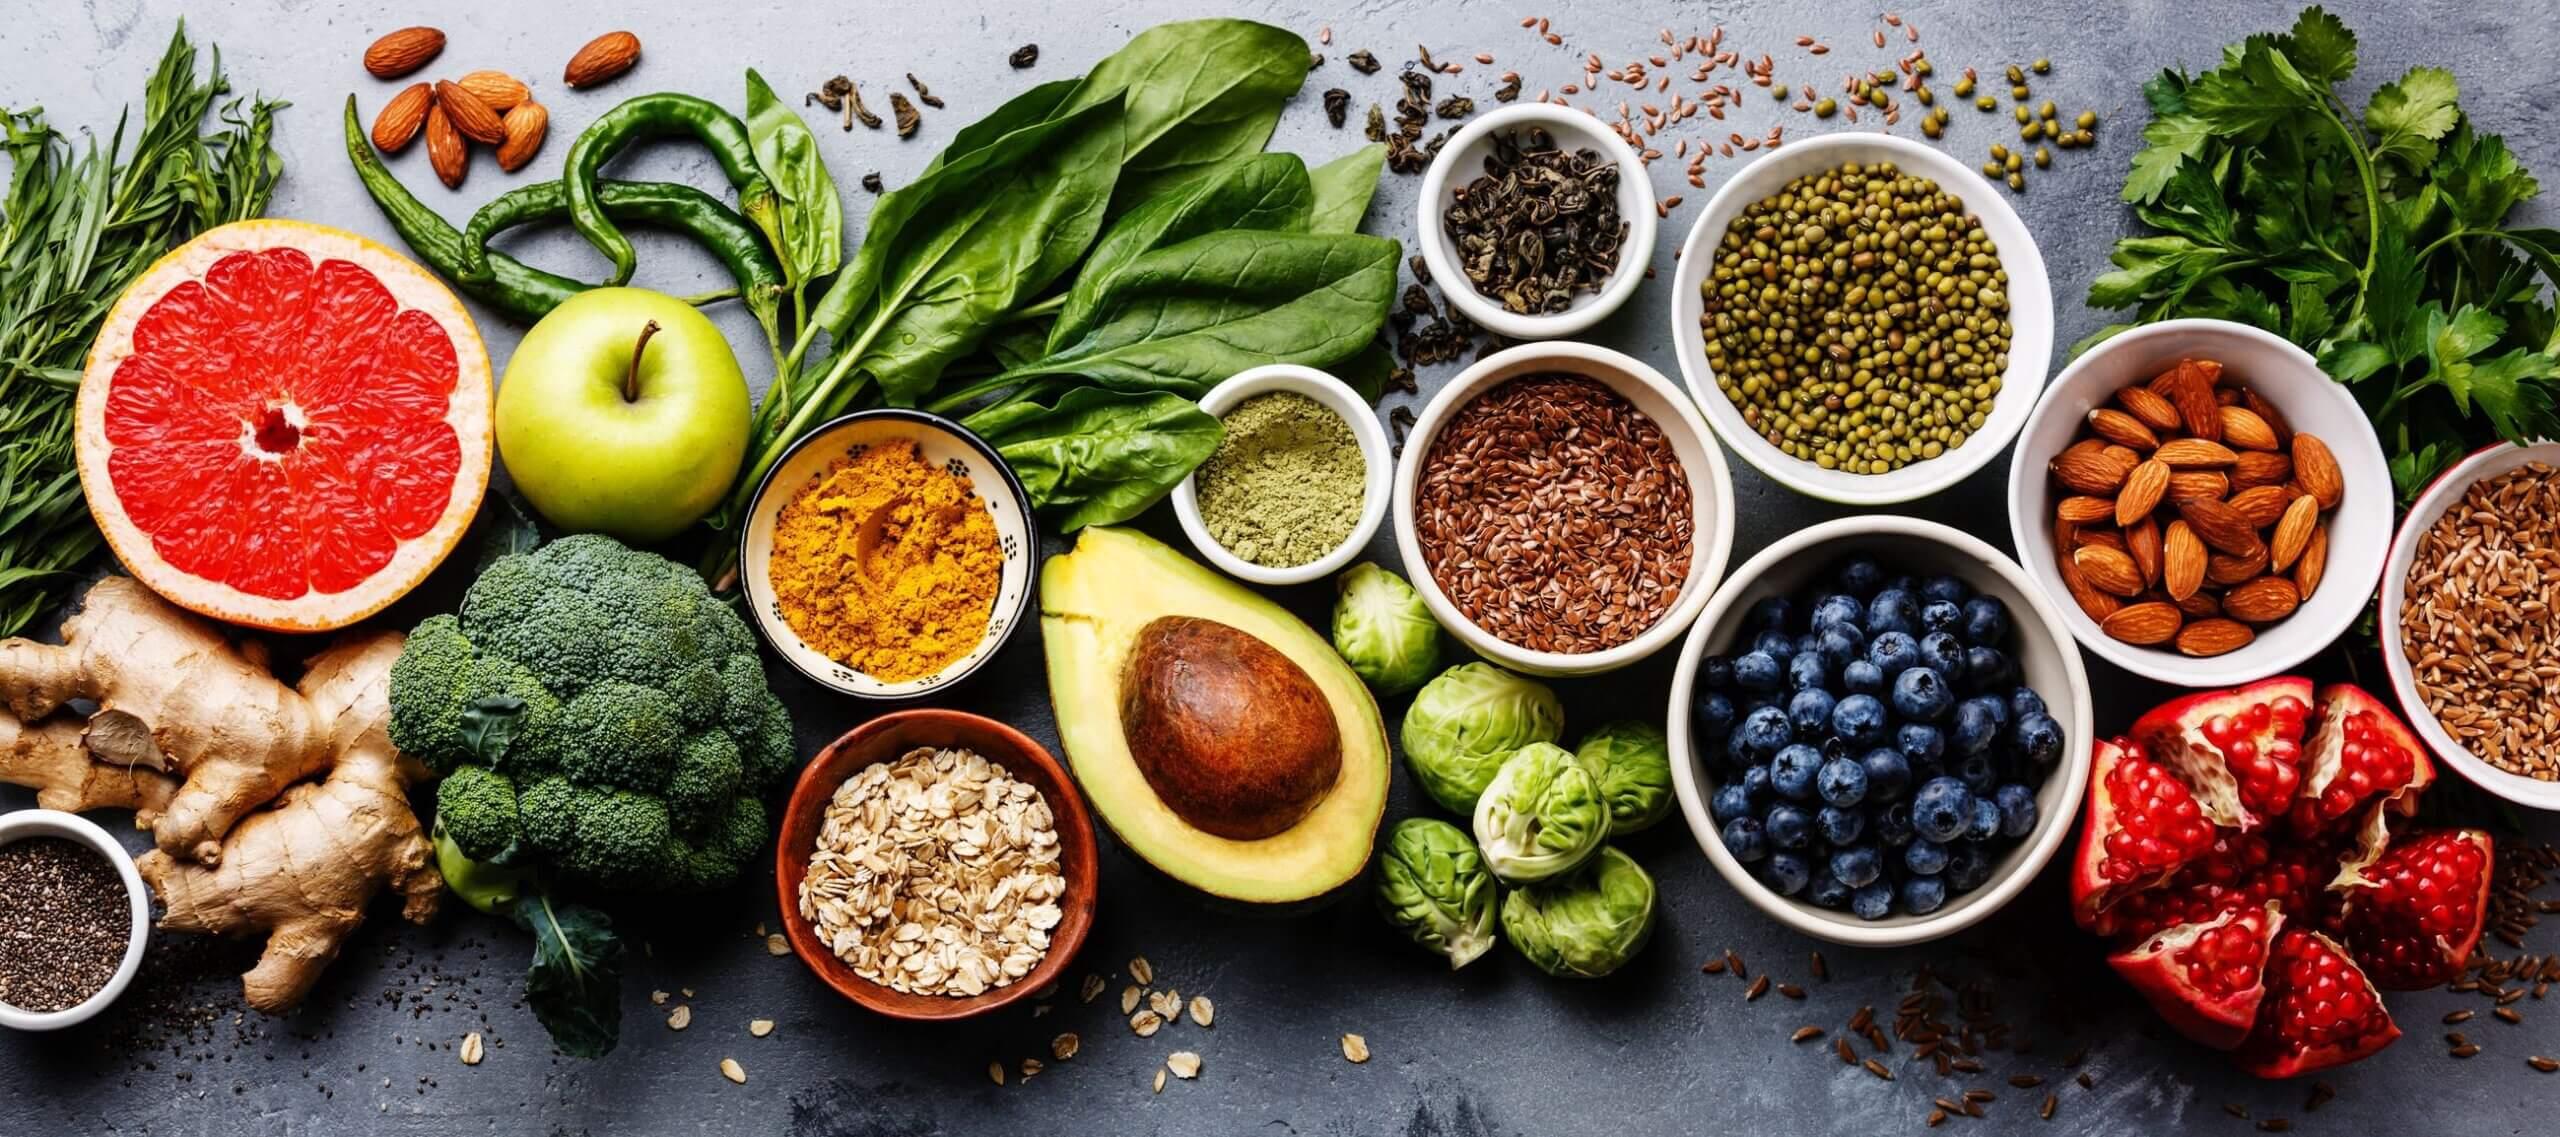 Τρόφιμα που σέβονται το περιβάλλον